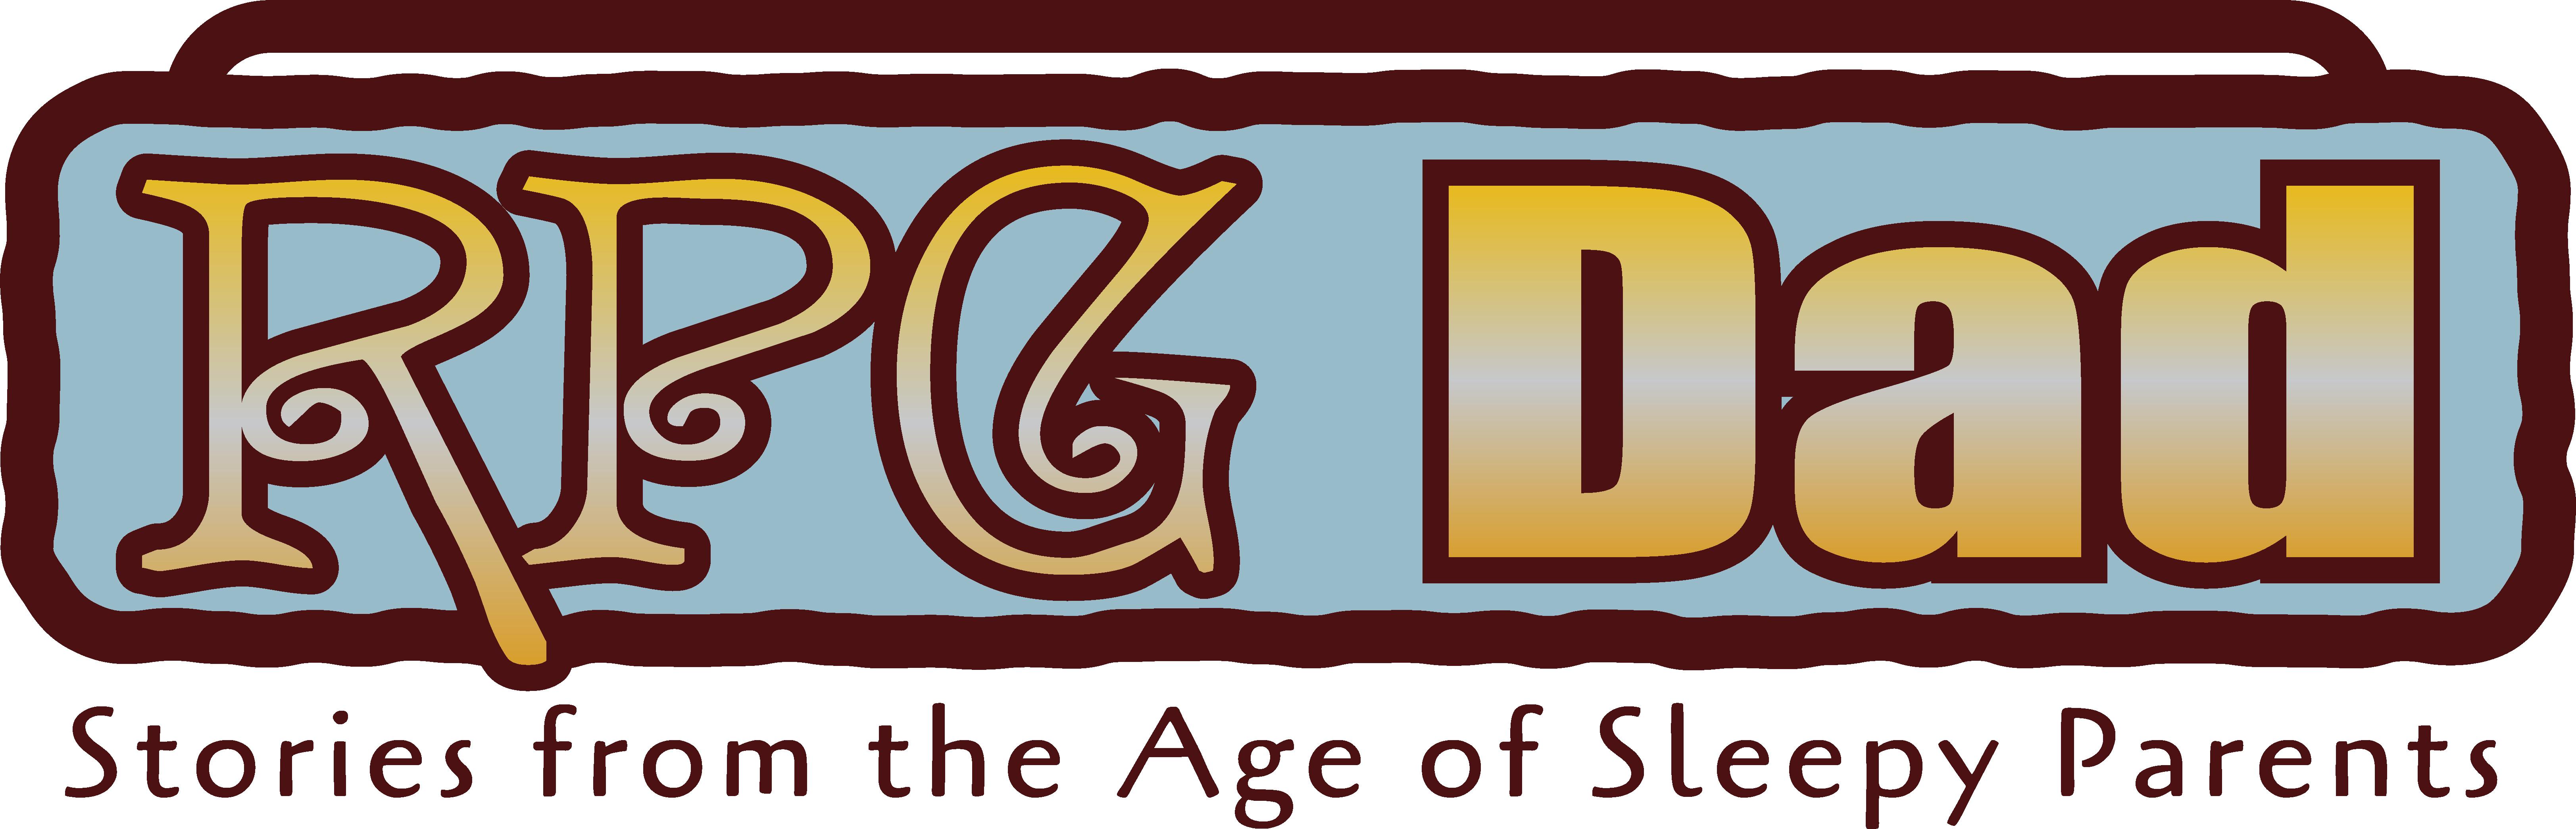 RPG Dad logo -fantasy color